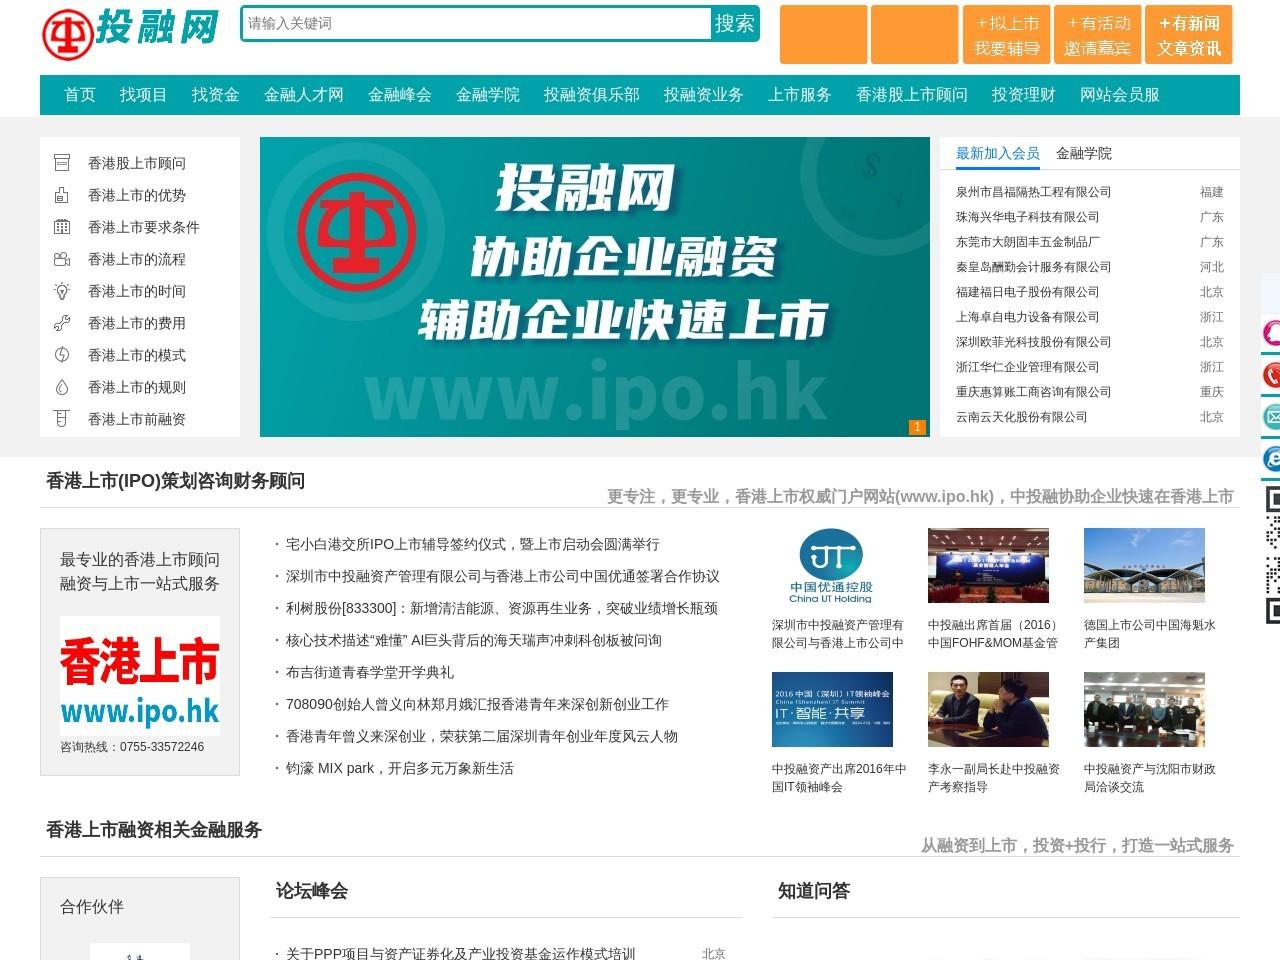 投融网_公司香港上市_港股IPO_赴港上市_企业项目投融资服务平台